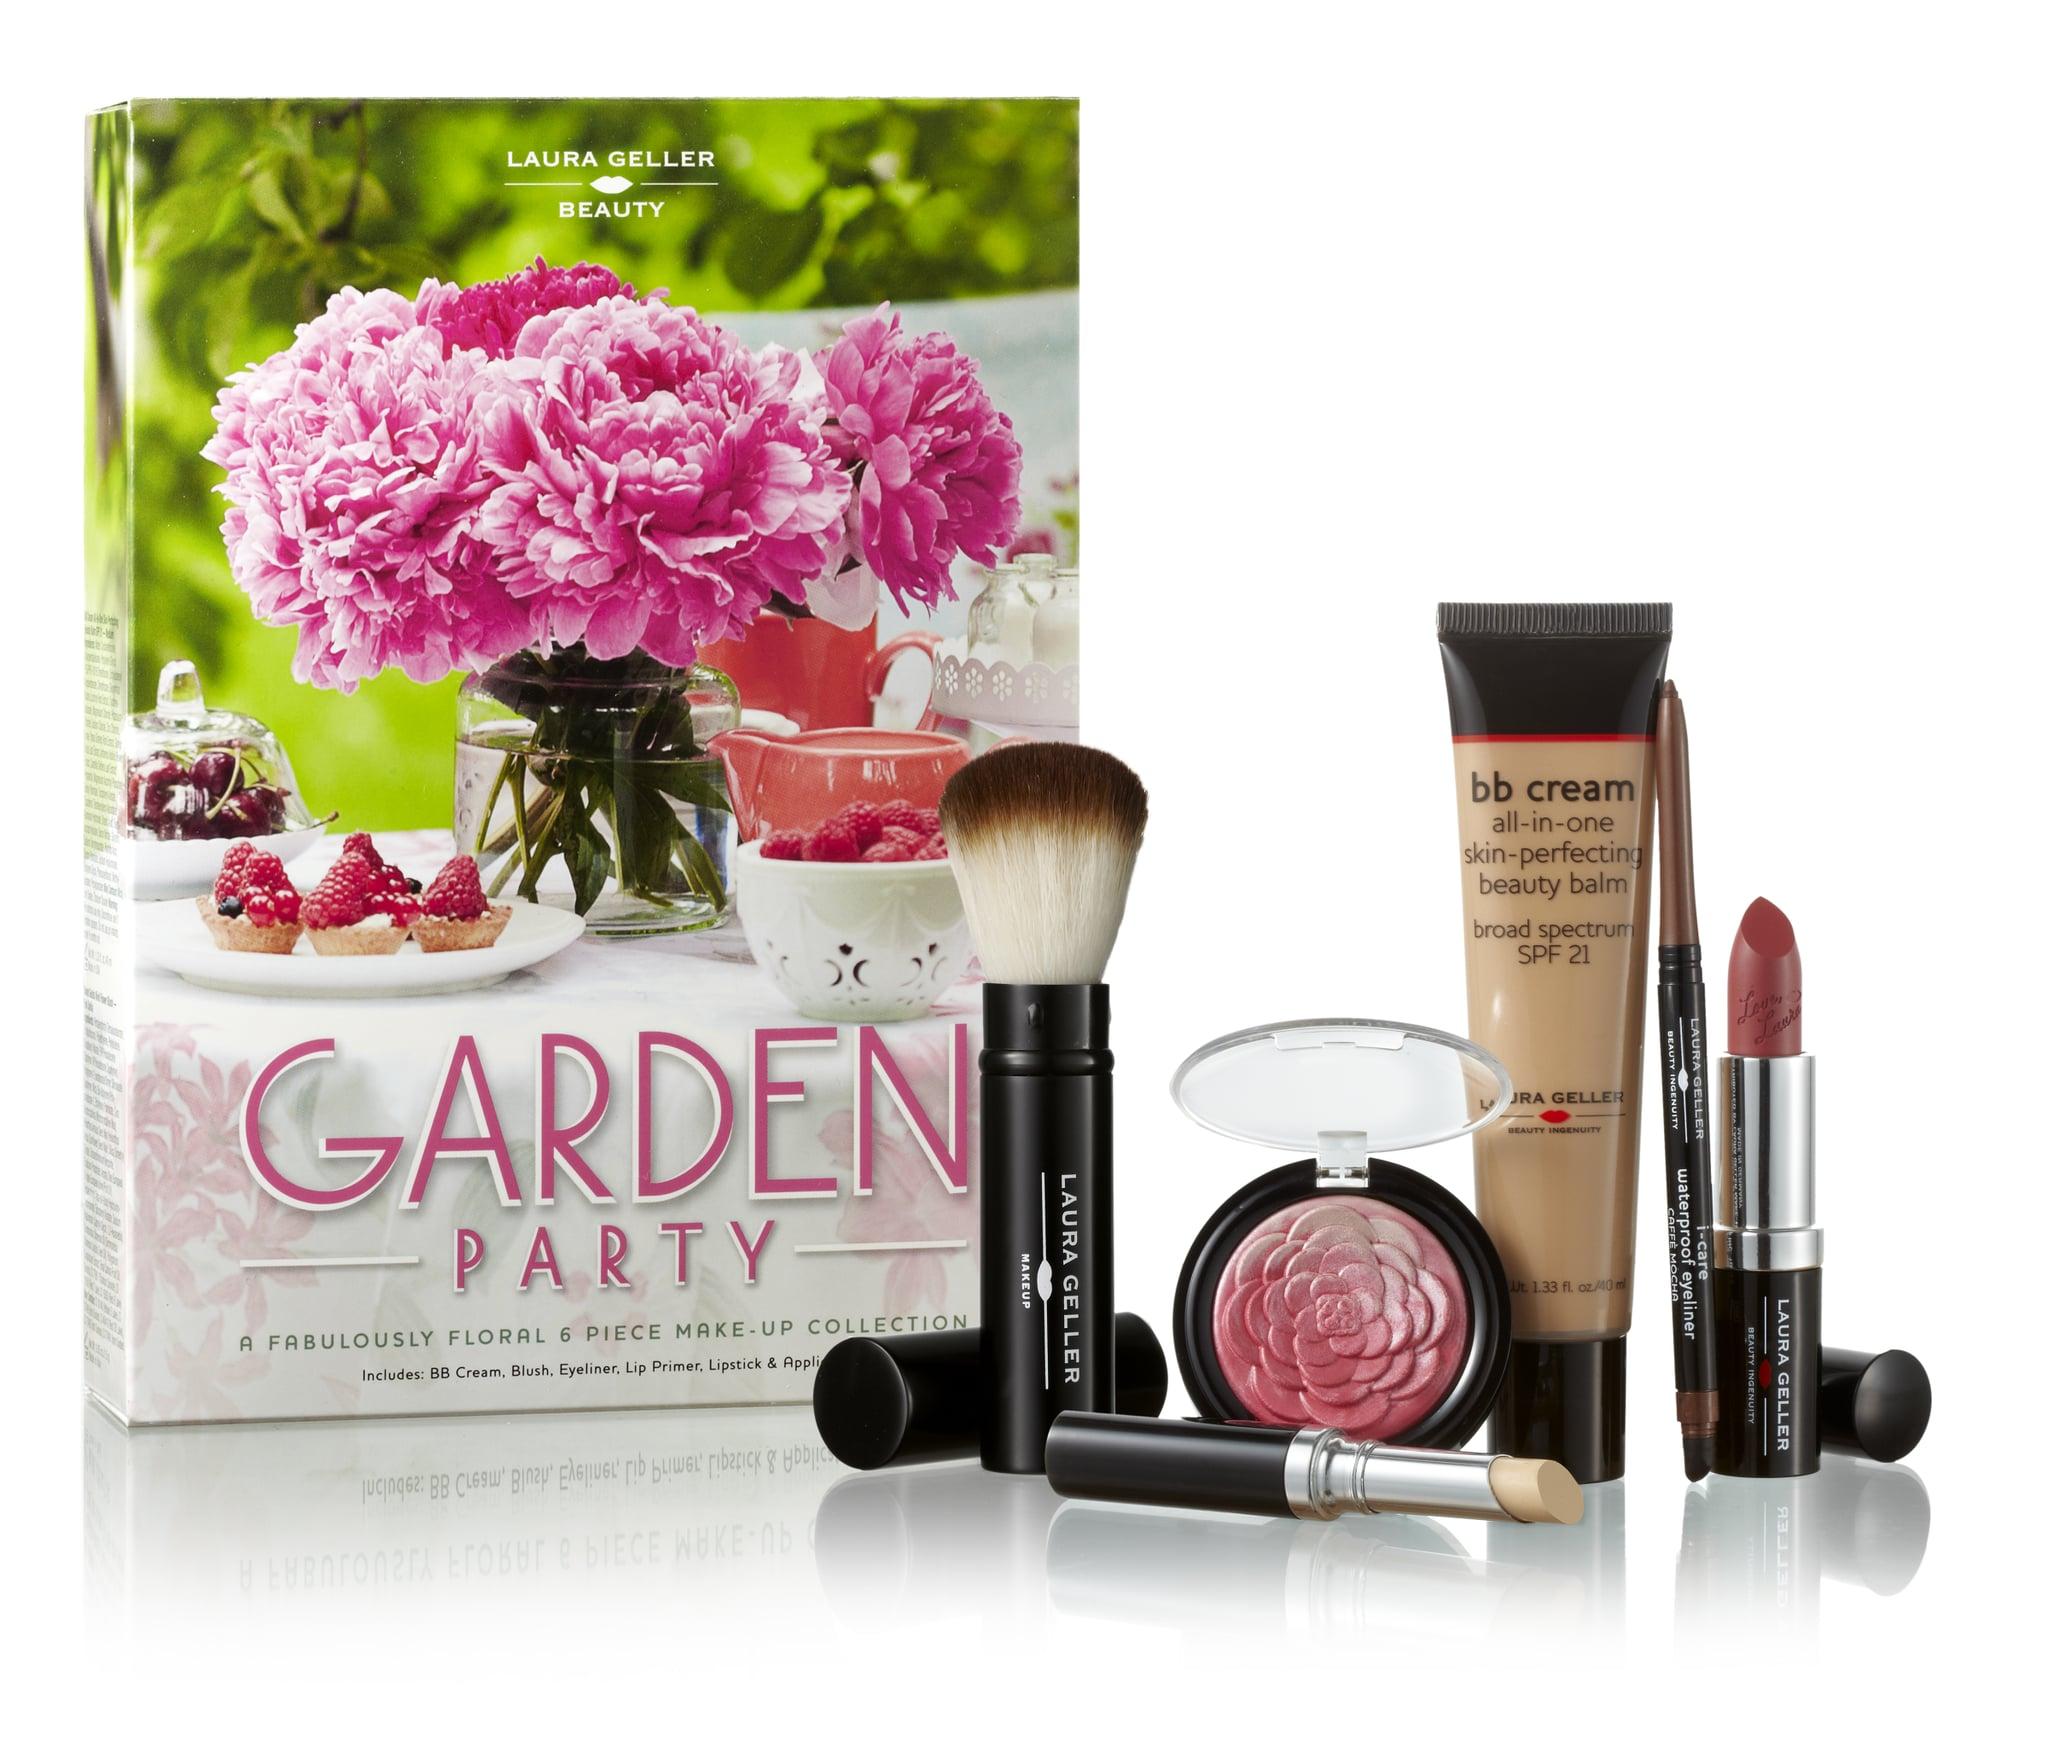 Laura Geller Beauty Garden Party